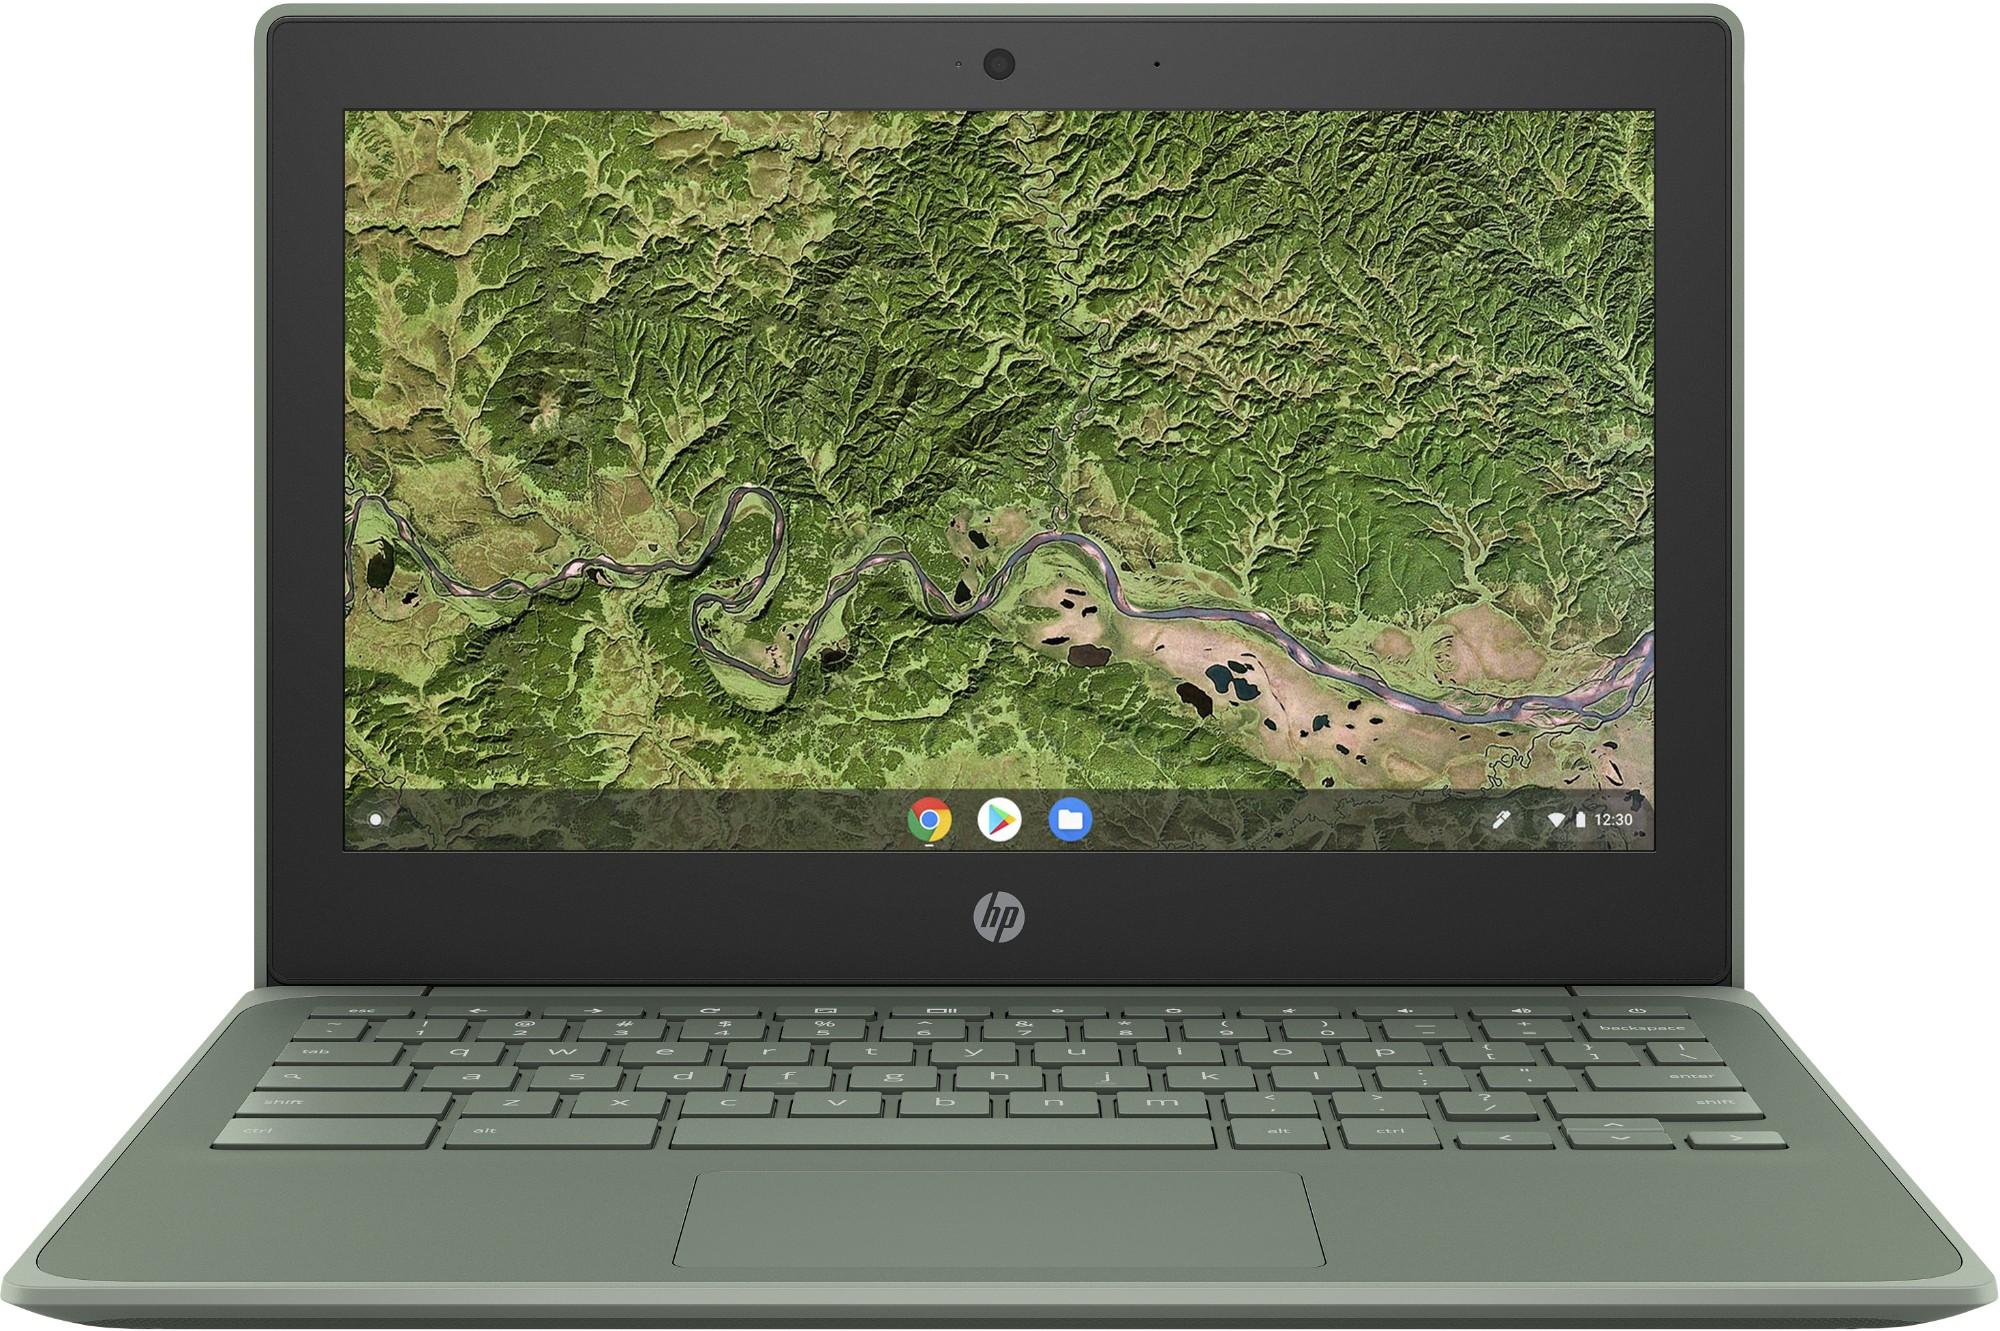 """HP Chromebook 11A G8 EE Groen 29,5 cm (11.6"""") 1366 x 768 Pixels Touchscreen 7th Generation AMD A4-Series APUs 4 GB DDR4-SDRAM 32 GB eMMC Wi-Fi 5 (802.11ac) Chrome OS"""